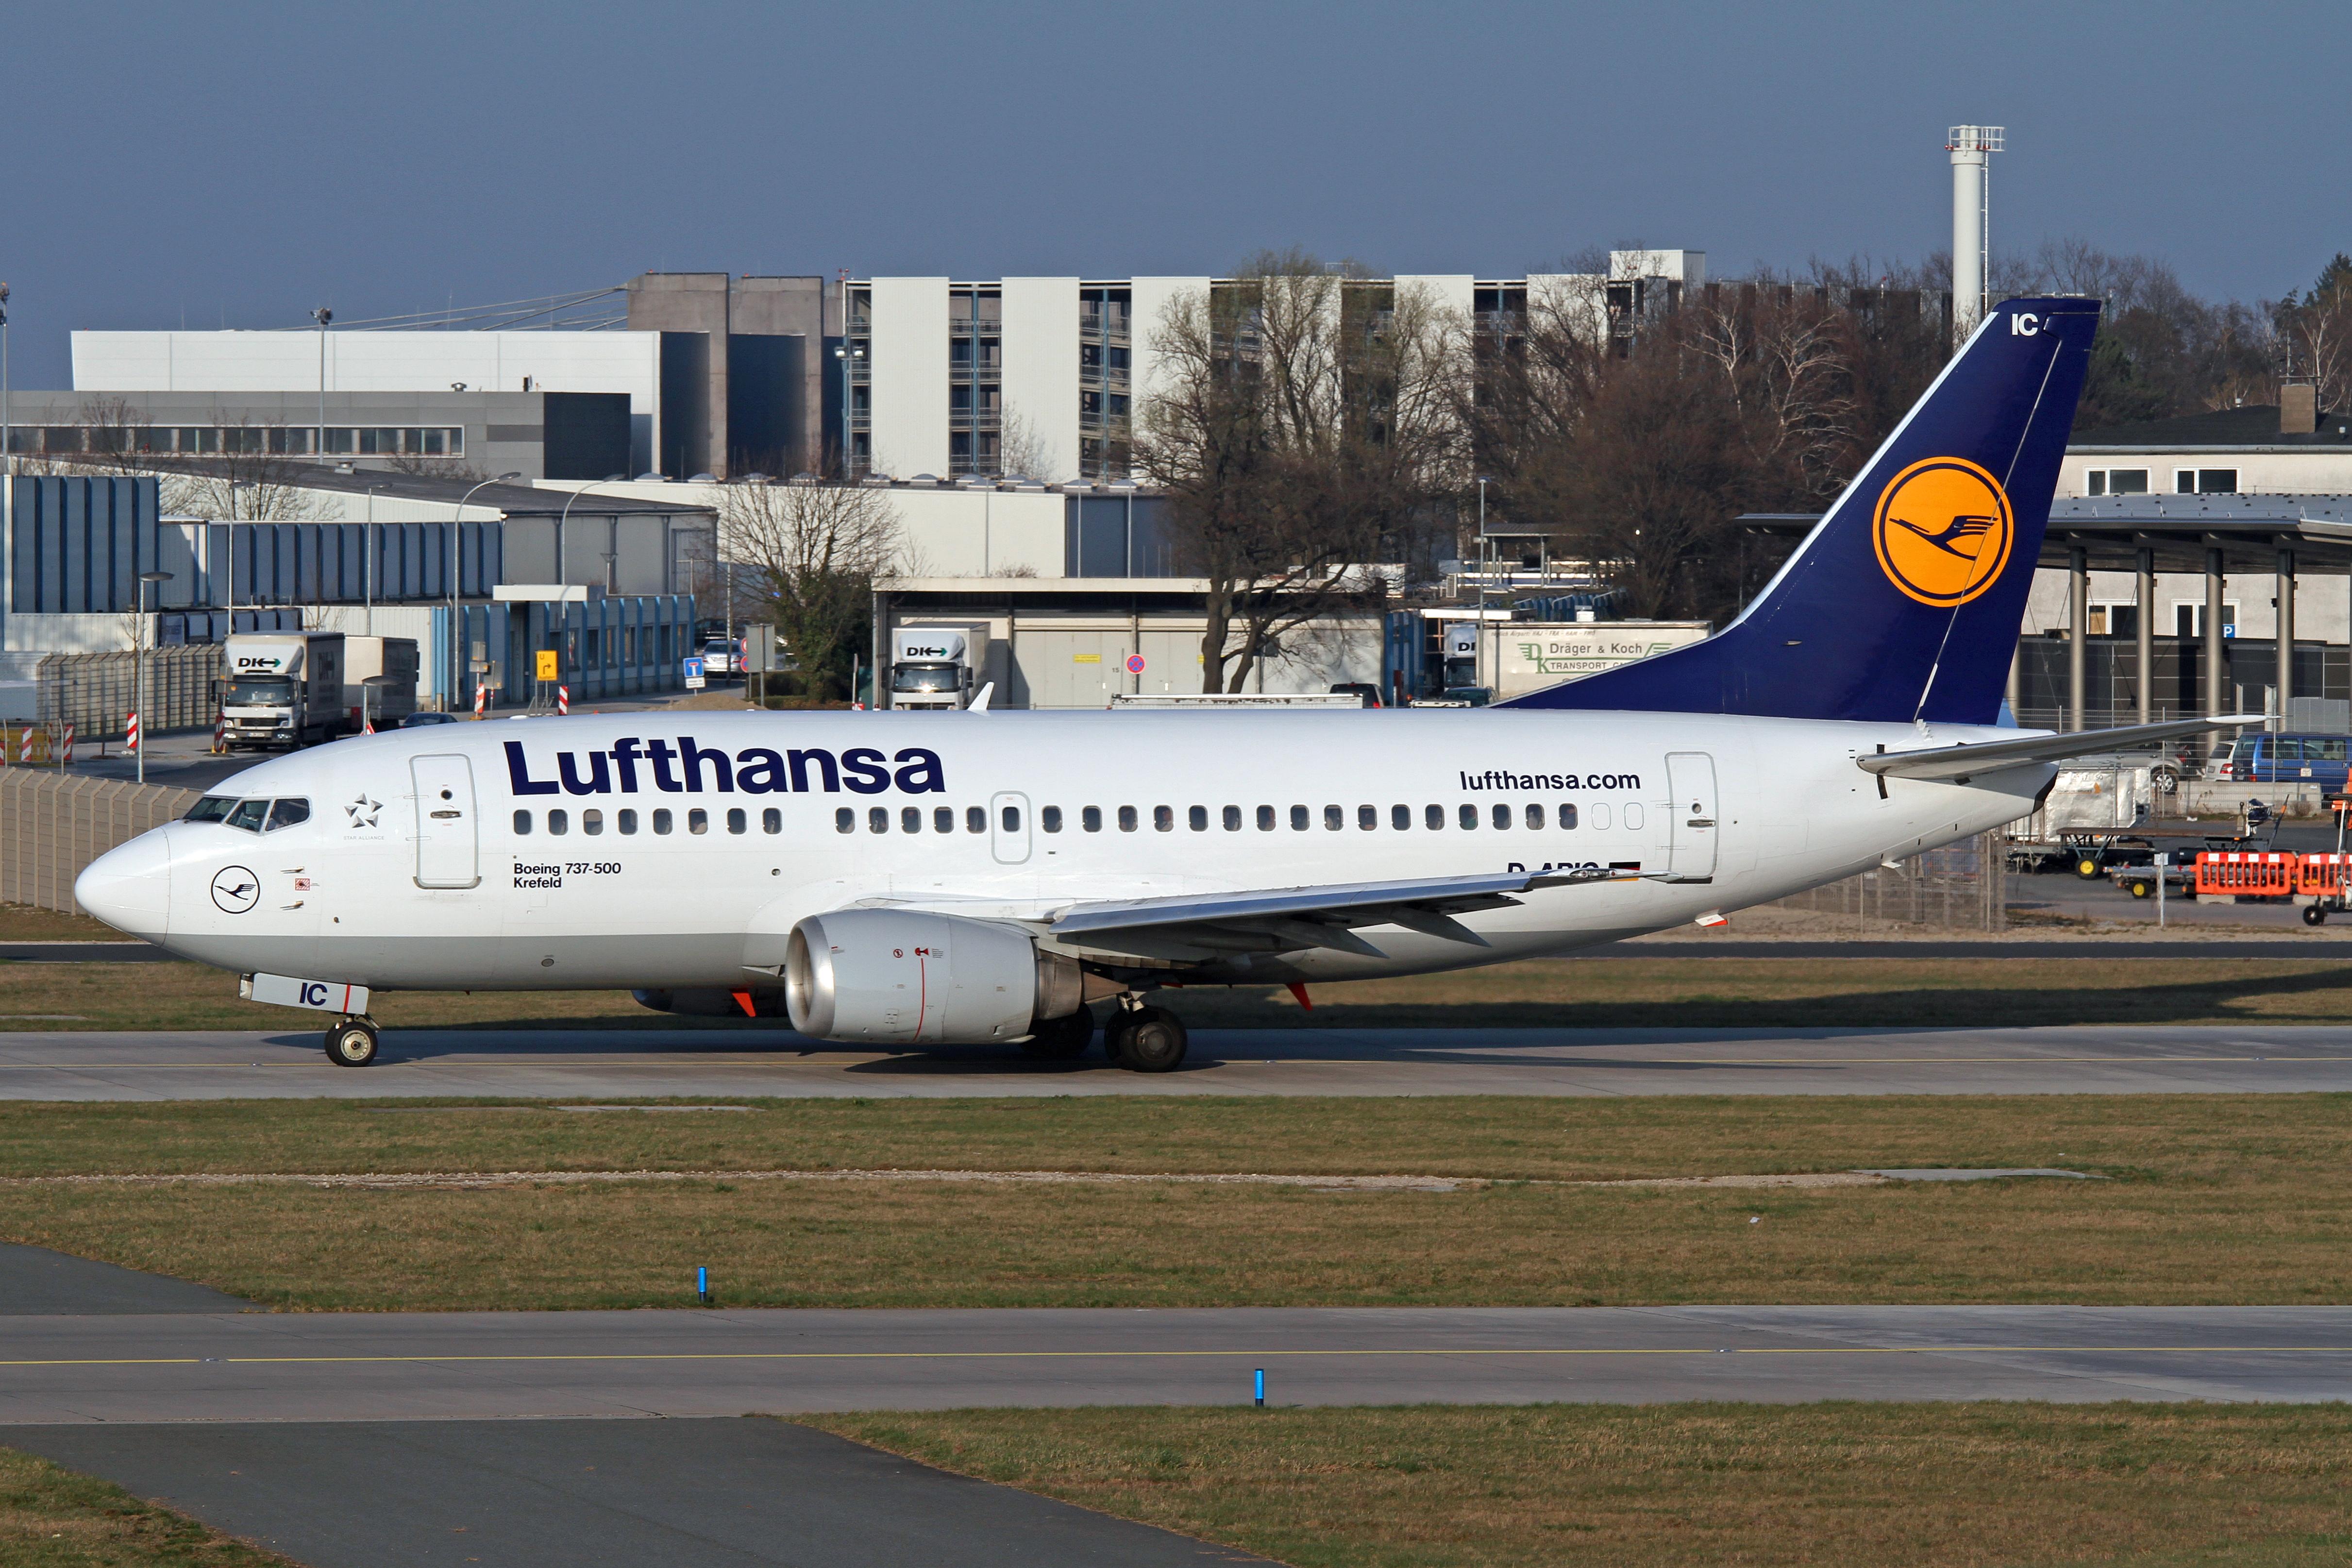 Lufthansa Boeing 737-500 Re-Upload [Details Added ...